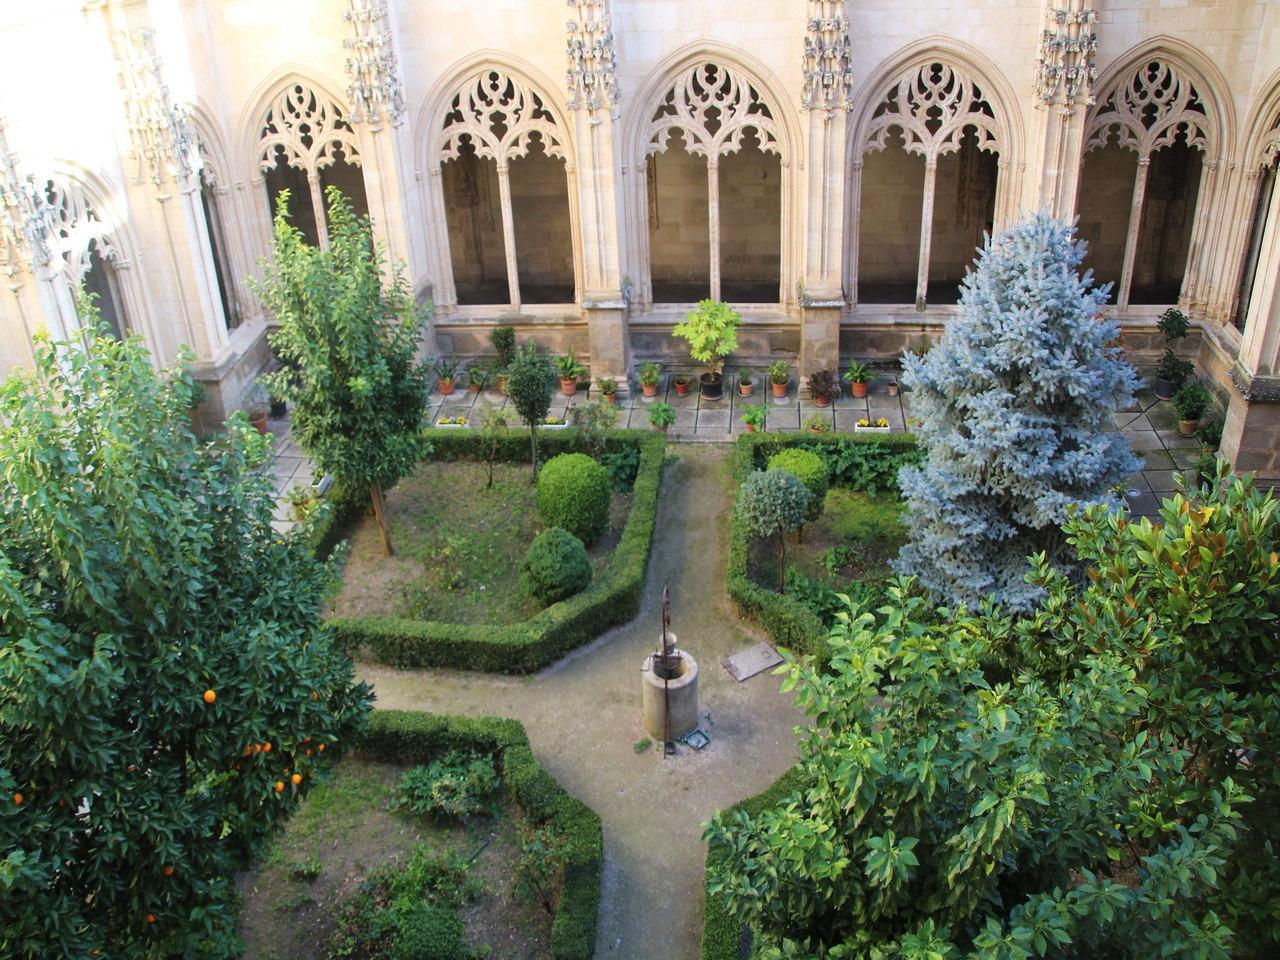 Claustro del Monasterio de San Juan de los Reyes: visita a Toledo en dos días.